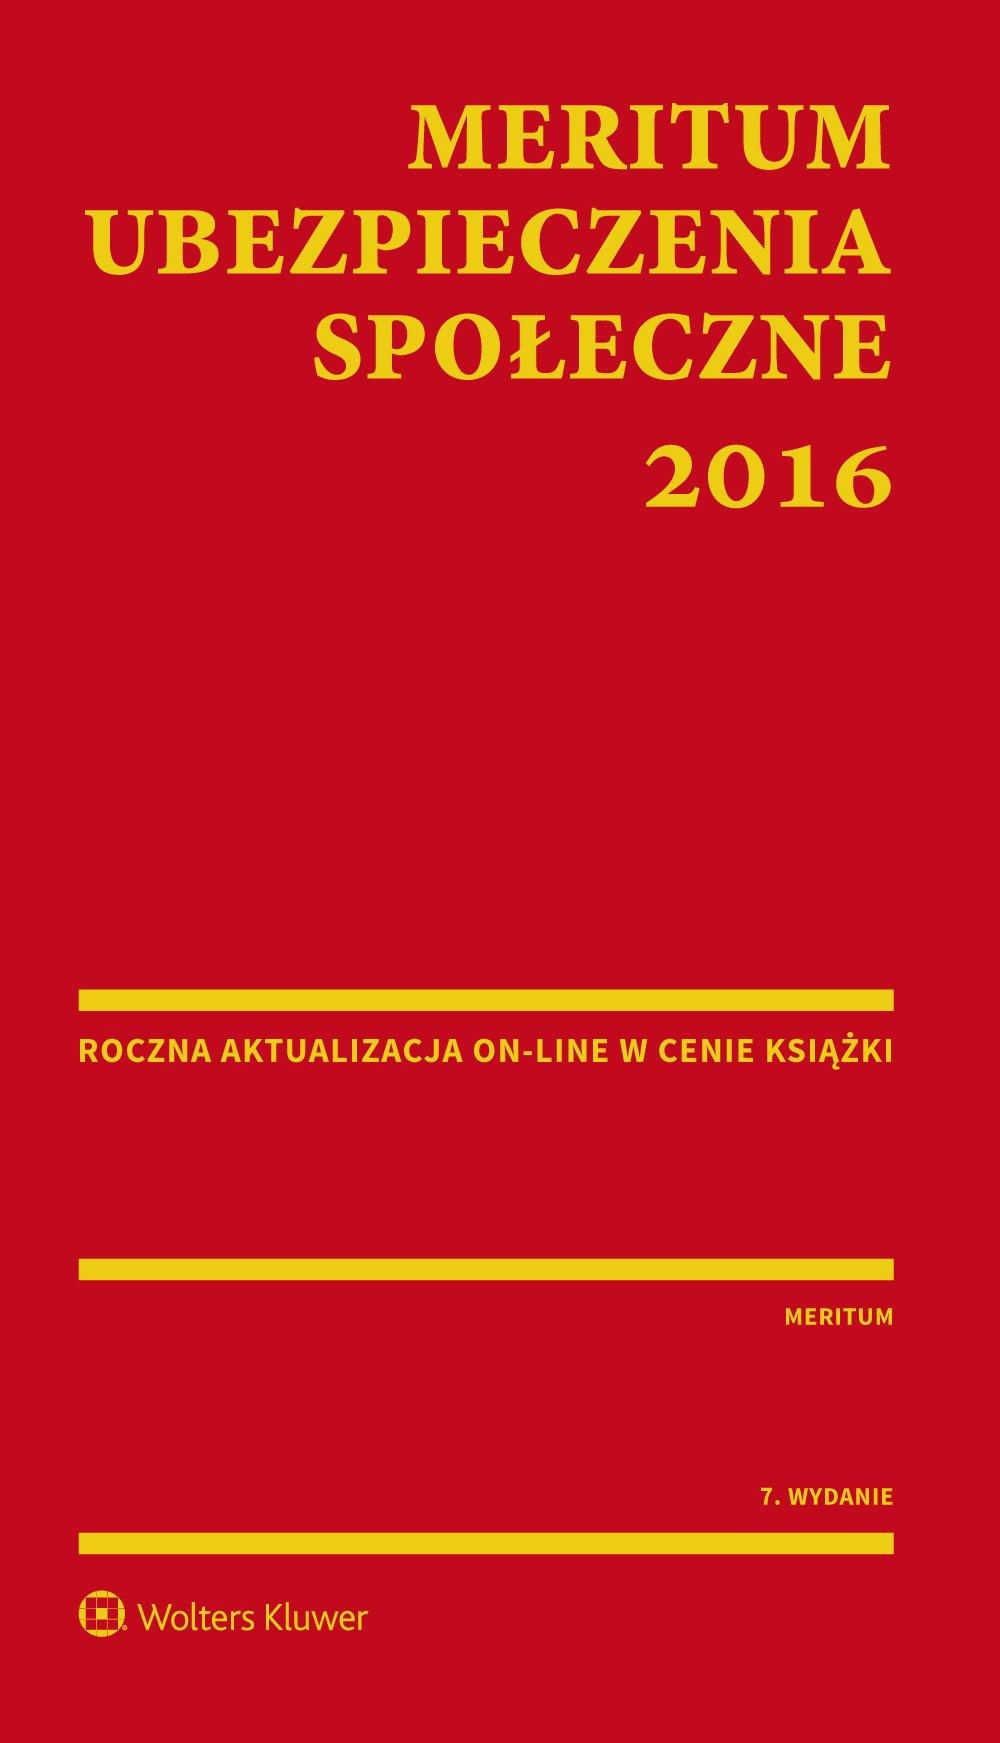 MERITUM Ubezpieczenia społeczne 2016 - Ebook (Książka PDF) do pobrania w formacie PDF